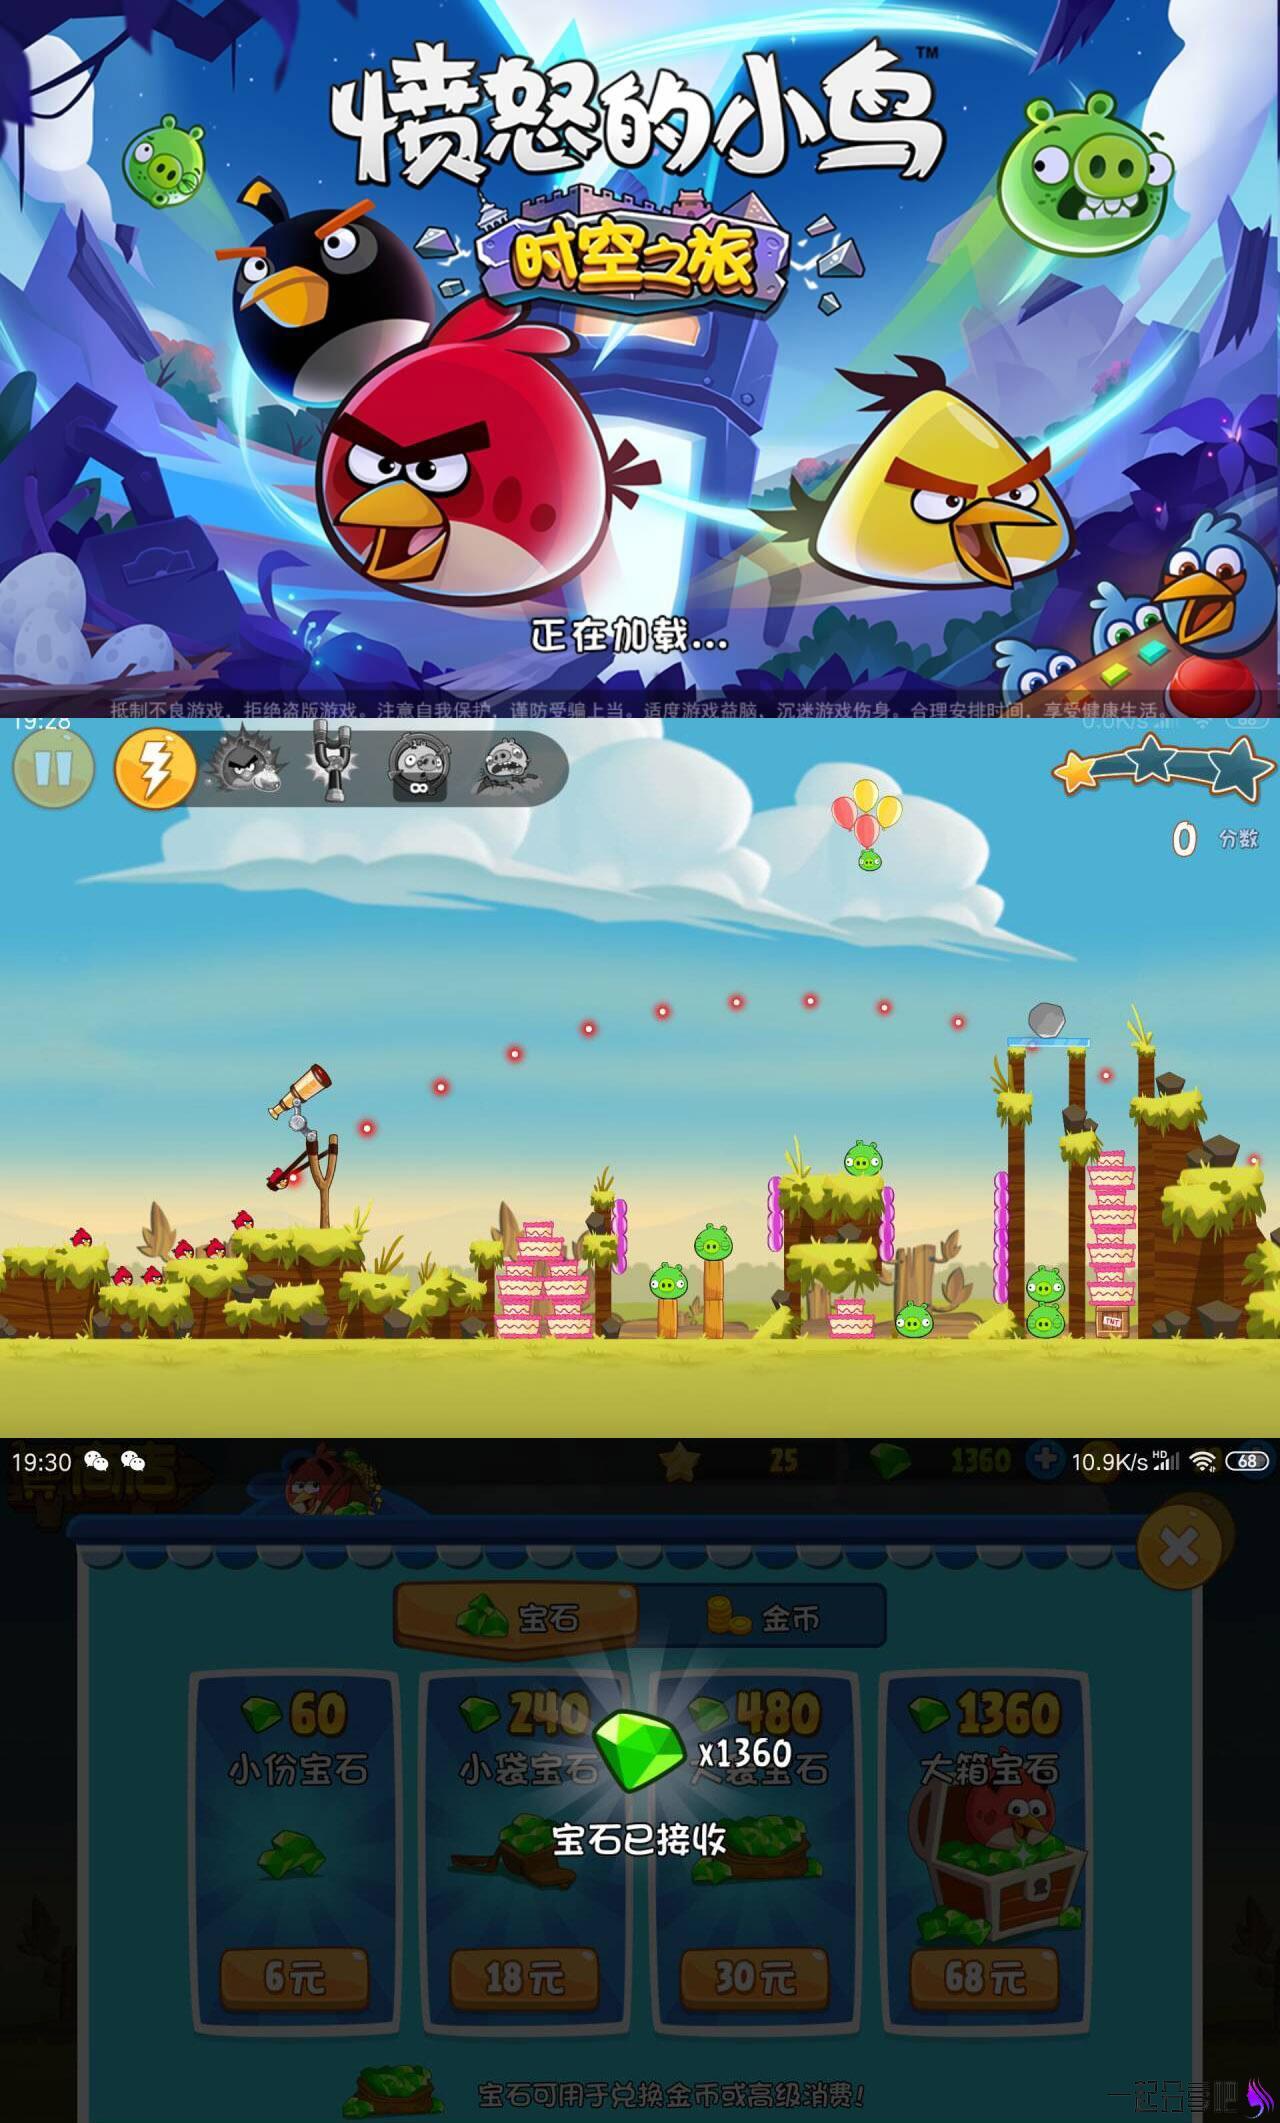 愤怒的小鸟时空之旅破解版 非常经典的休闲娱乐类游戏 第1张